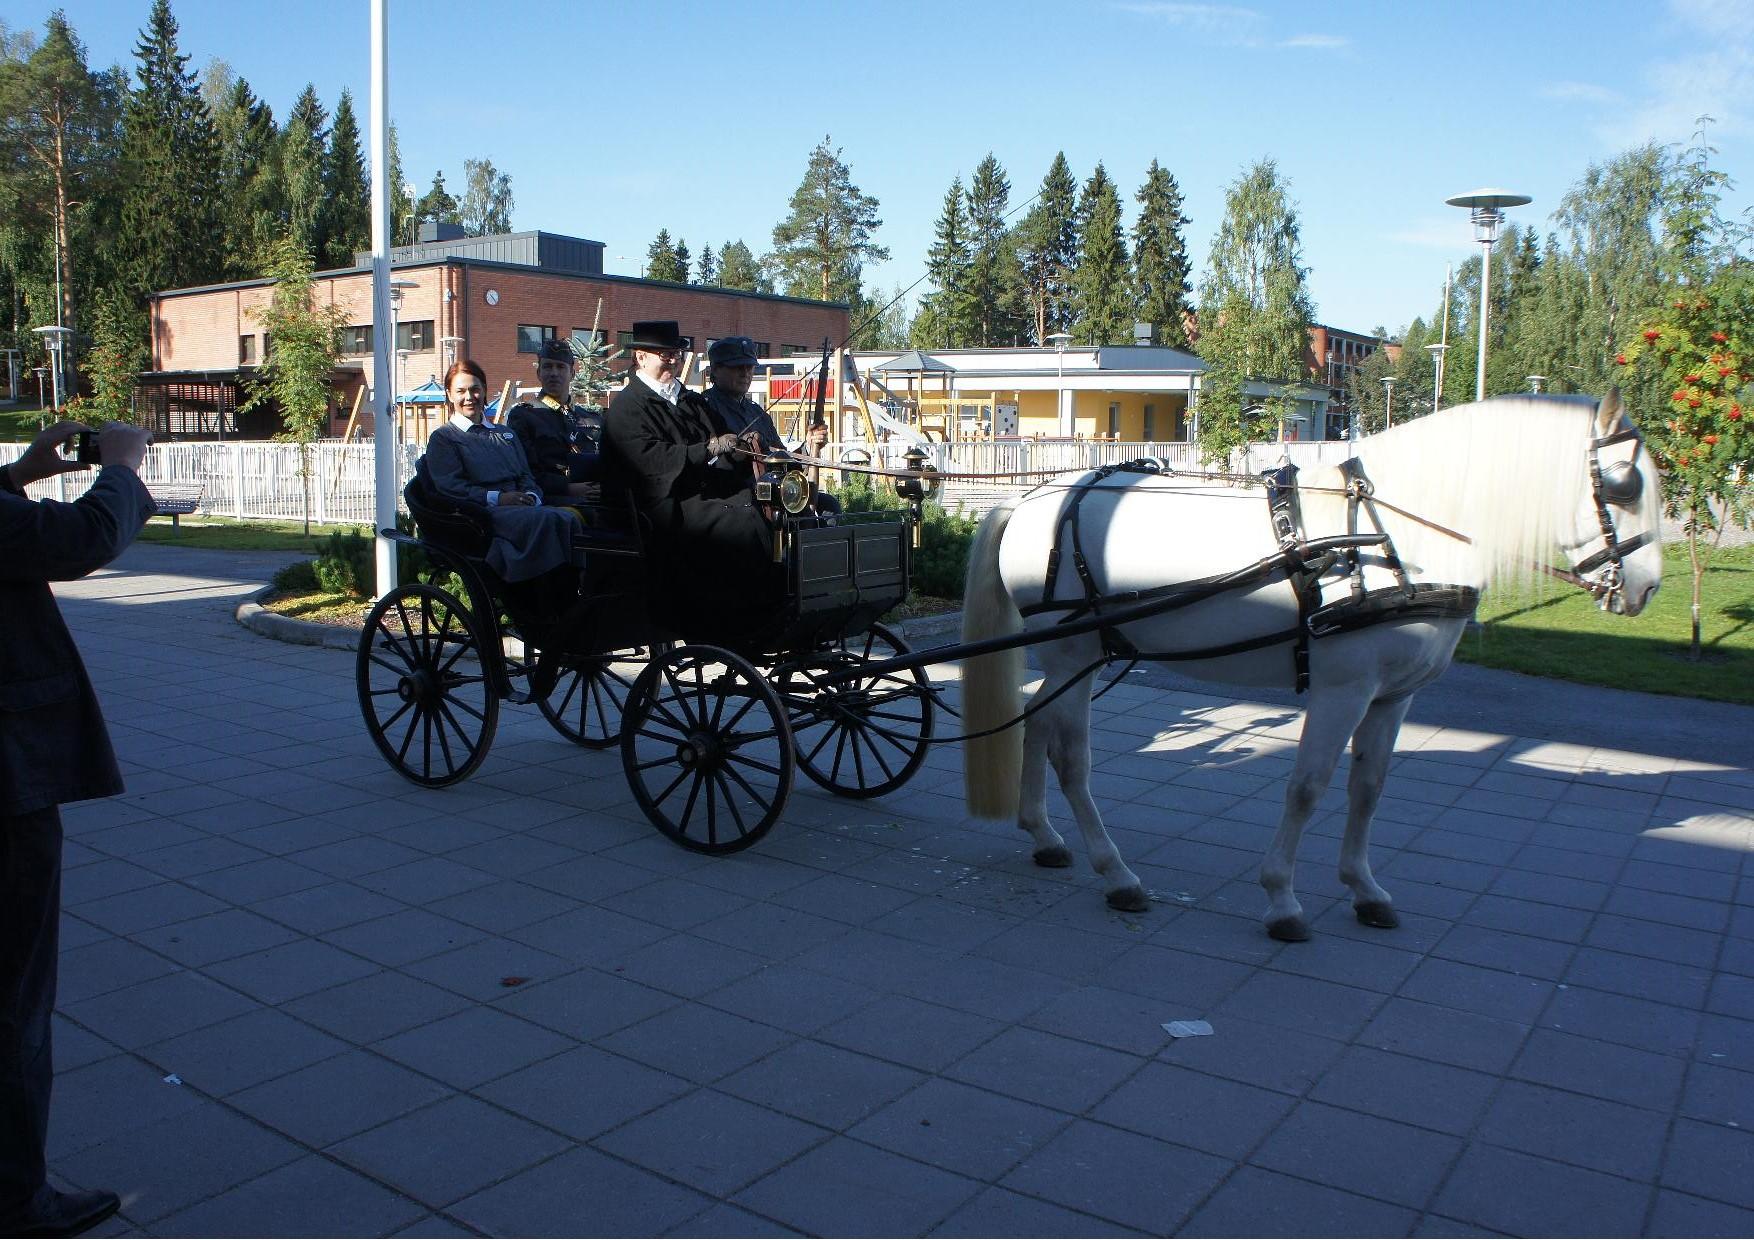 Ylipäällikkö Mannerheim matkusti Kiuruveden kulttuuritalolta asemalle valkoisen hevosen vetämillä vaunuilla. Mannerheimin rinnalla istiui lottapukuun pukeutunut Sannamaria Heikkinen, joka toimi juhlajunassa ensiaputehtävissä.